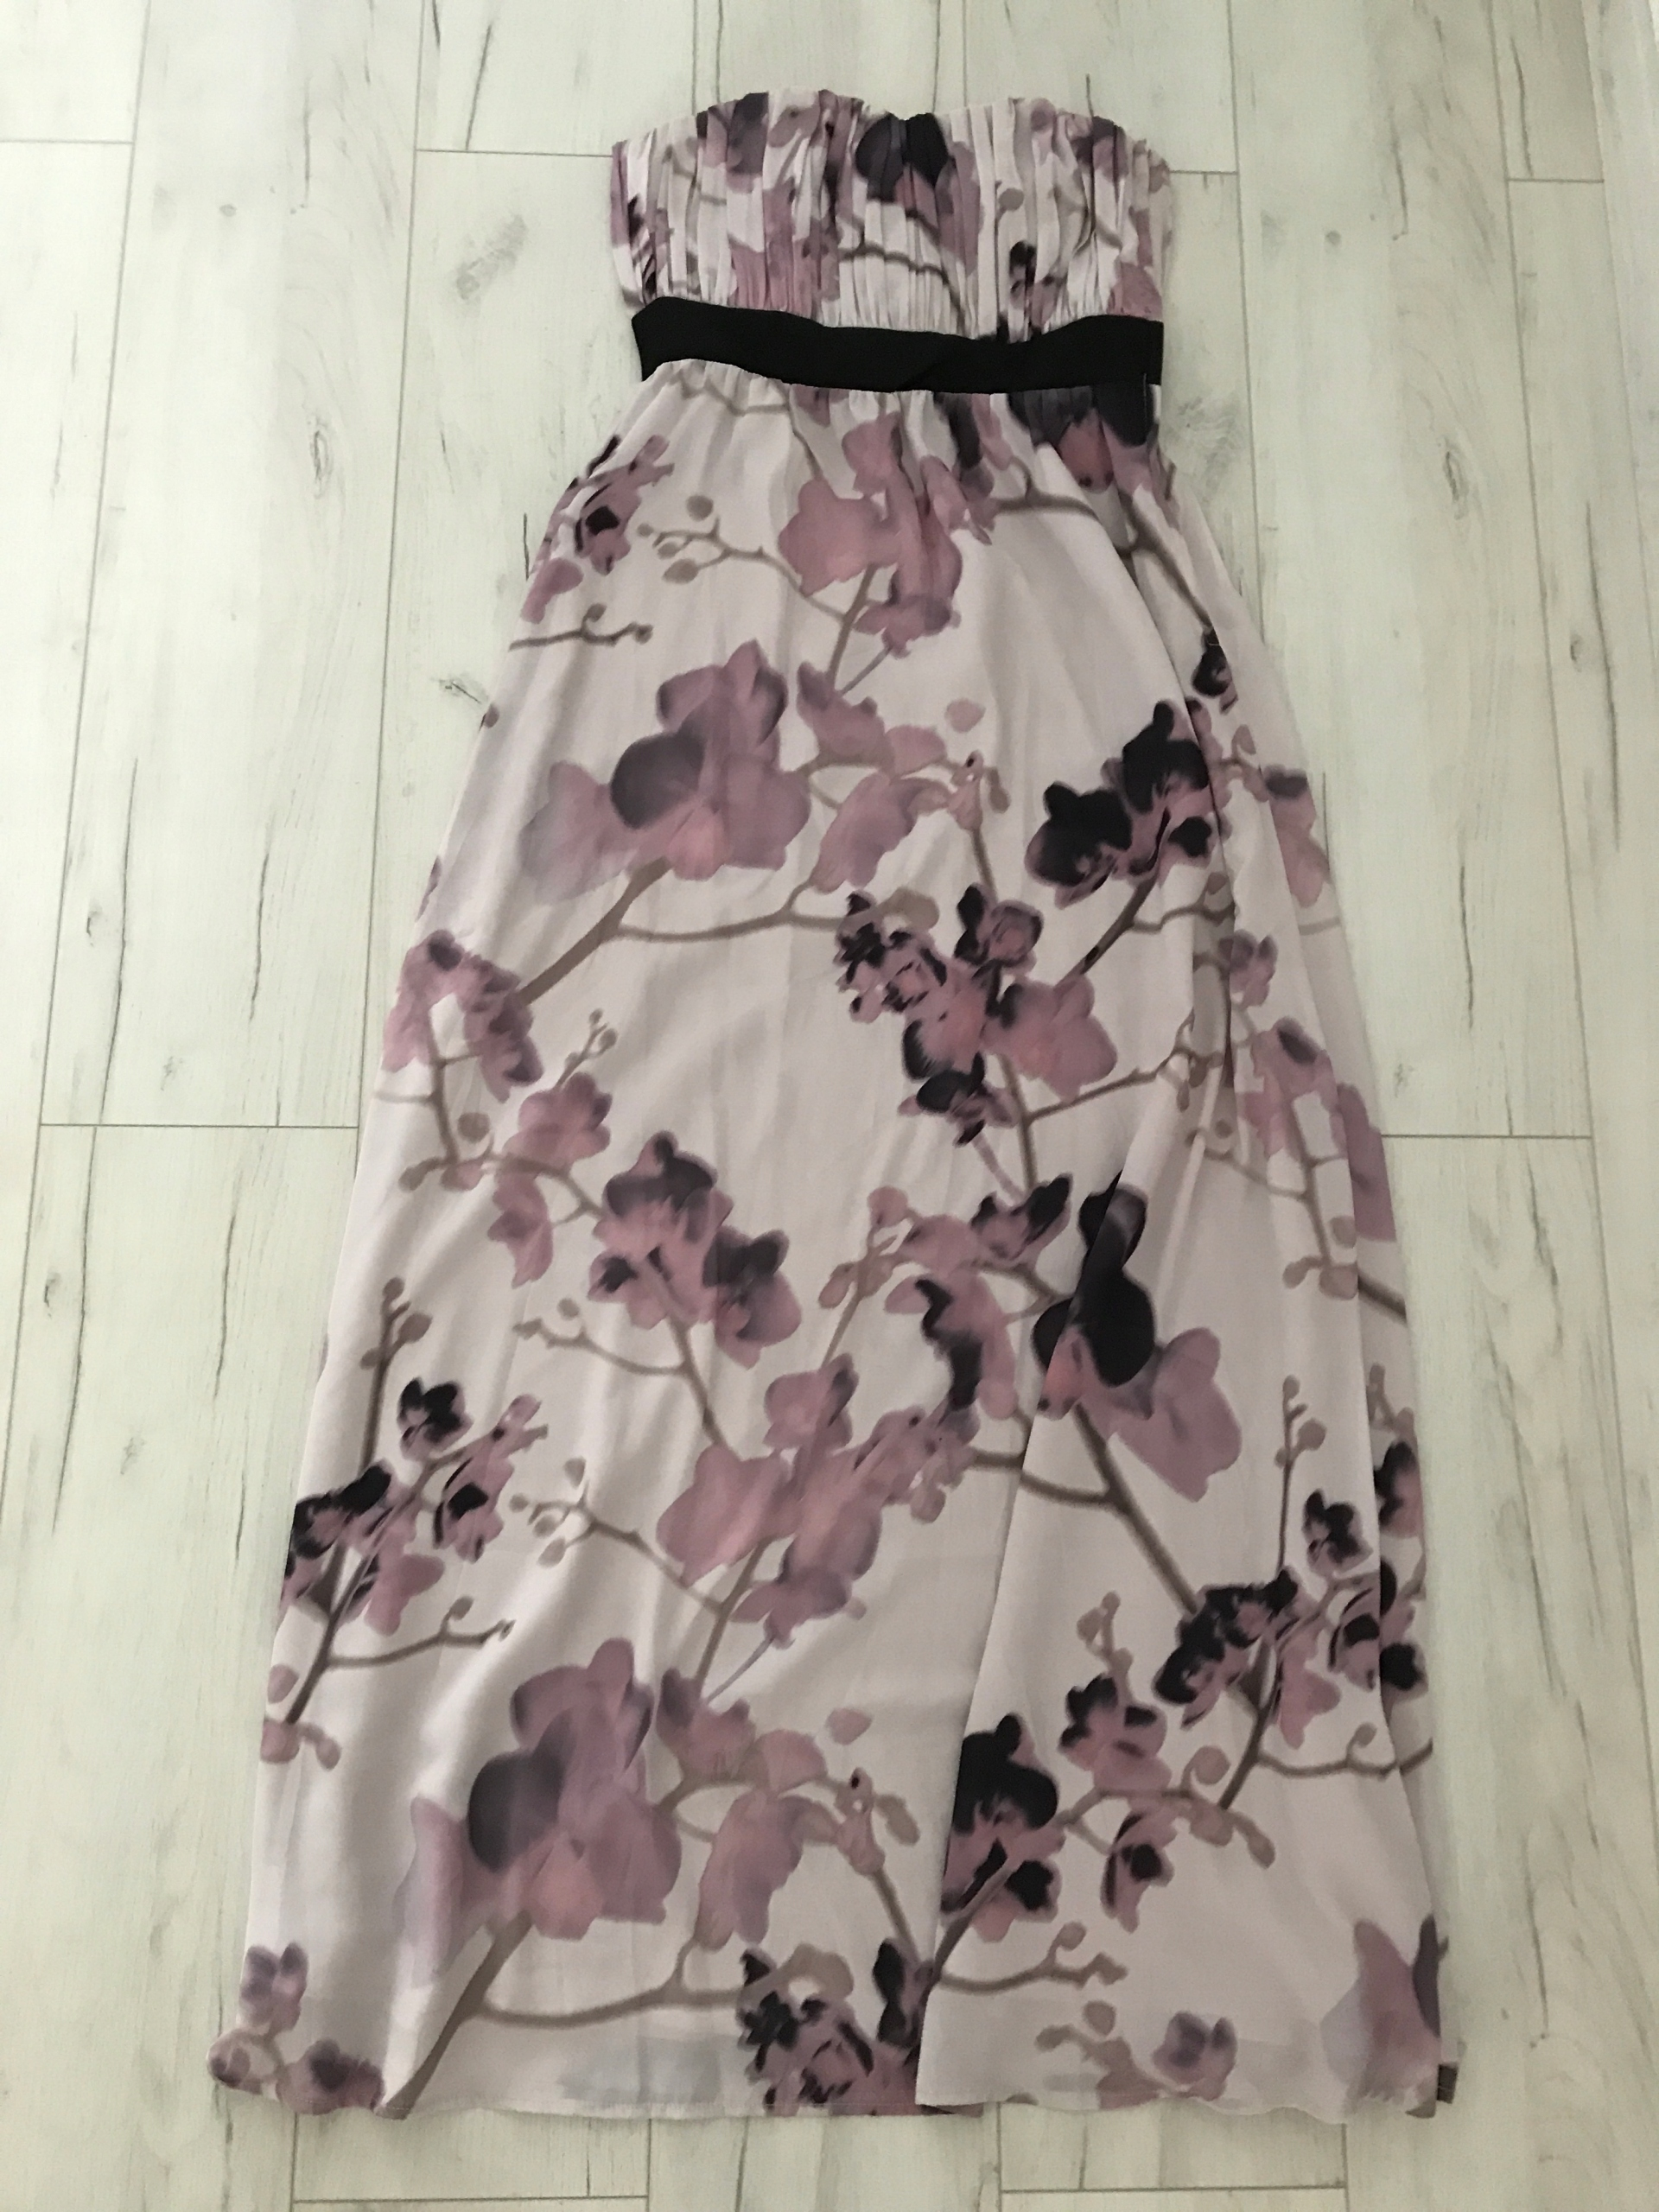 a3e5735c17b1e5 NOWA sukienka długa H&M boho w kwiaty 38 7537585996 - Allegro.pl